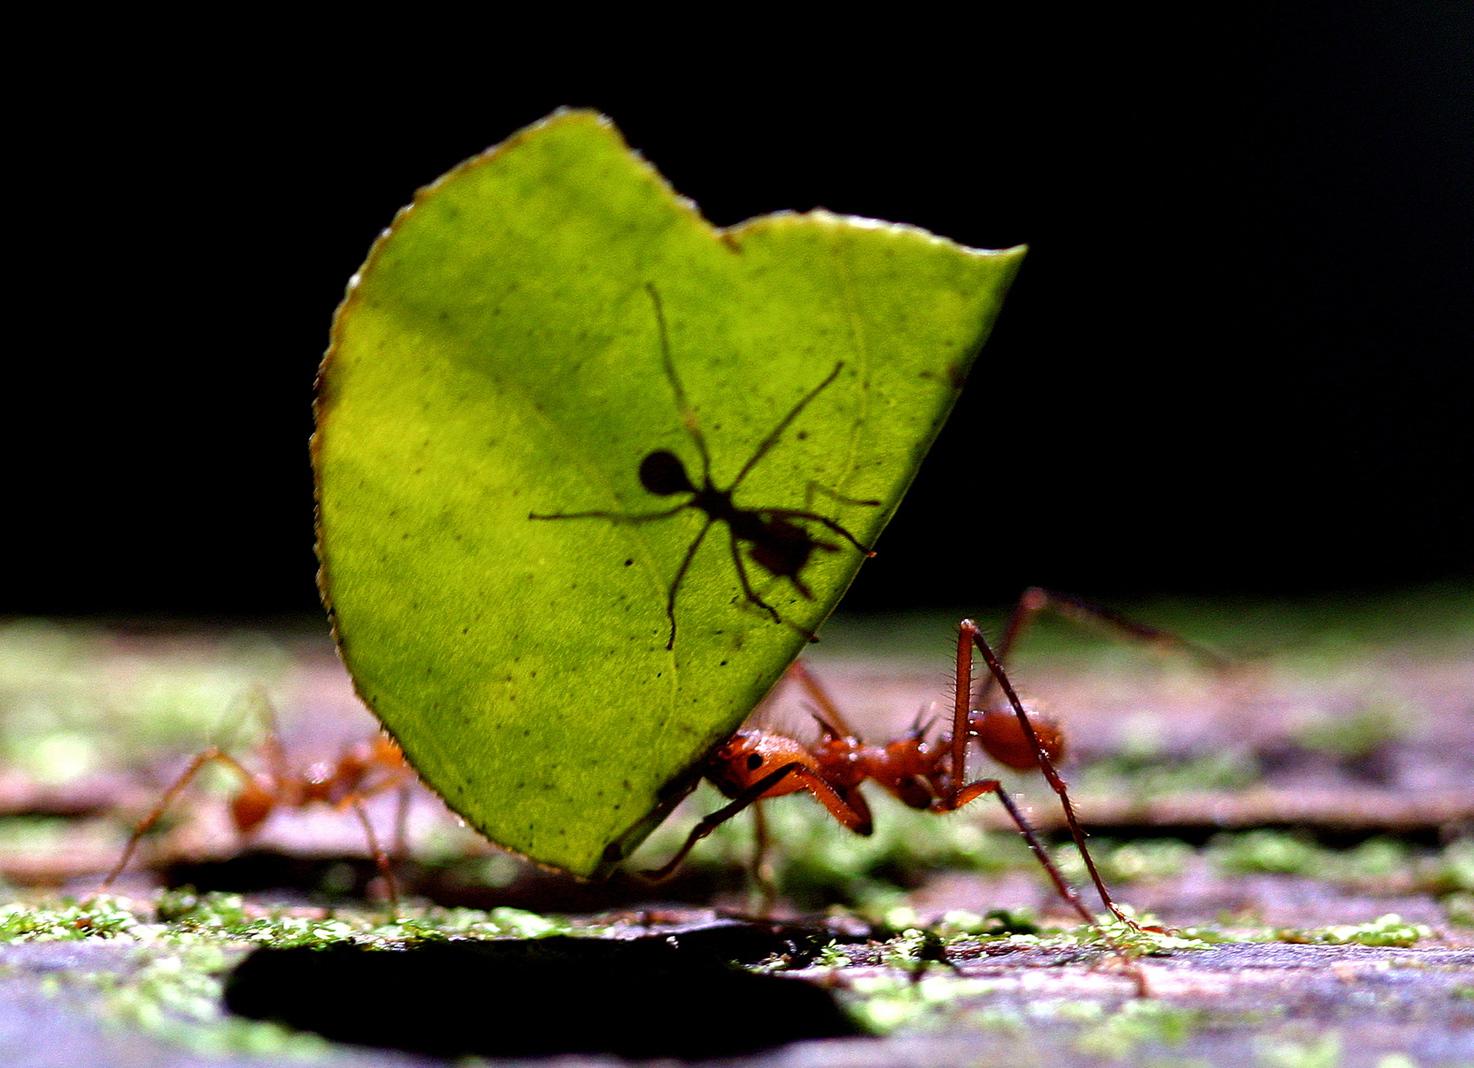 Levélvágó hangya levelet szállít társával egy Costa Rica-i erdőben. (Fotó: Reuters/ Juan Carlos Ulate)